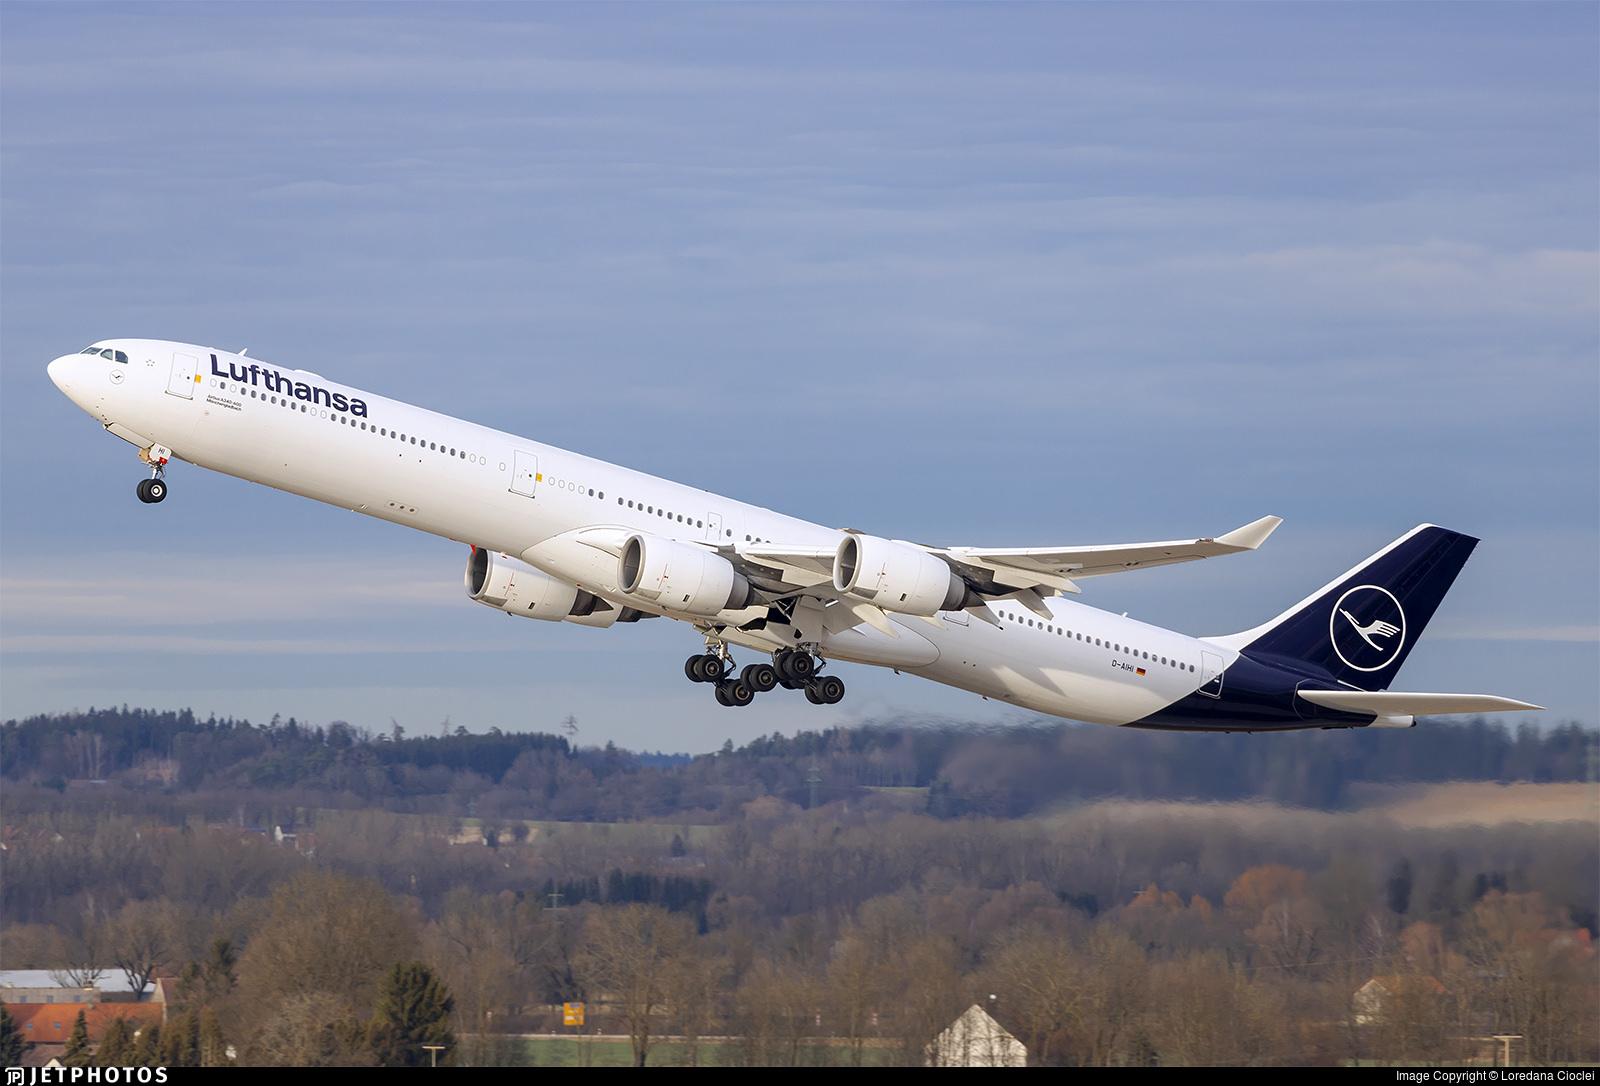 A Lufthansa A340-600 departing Munich